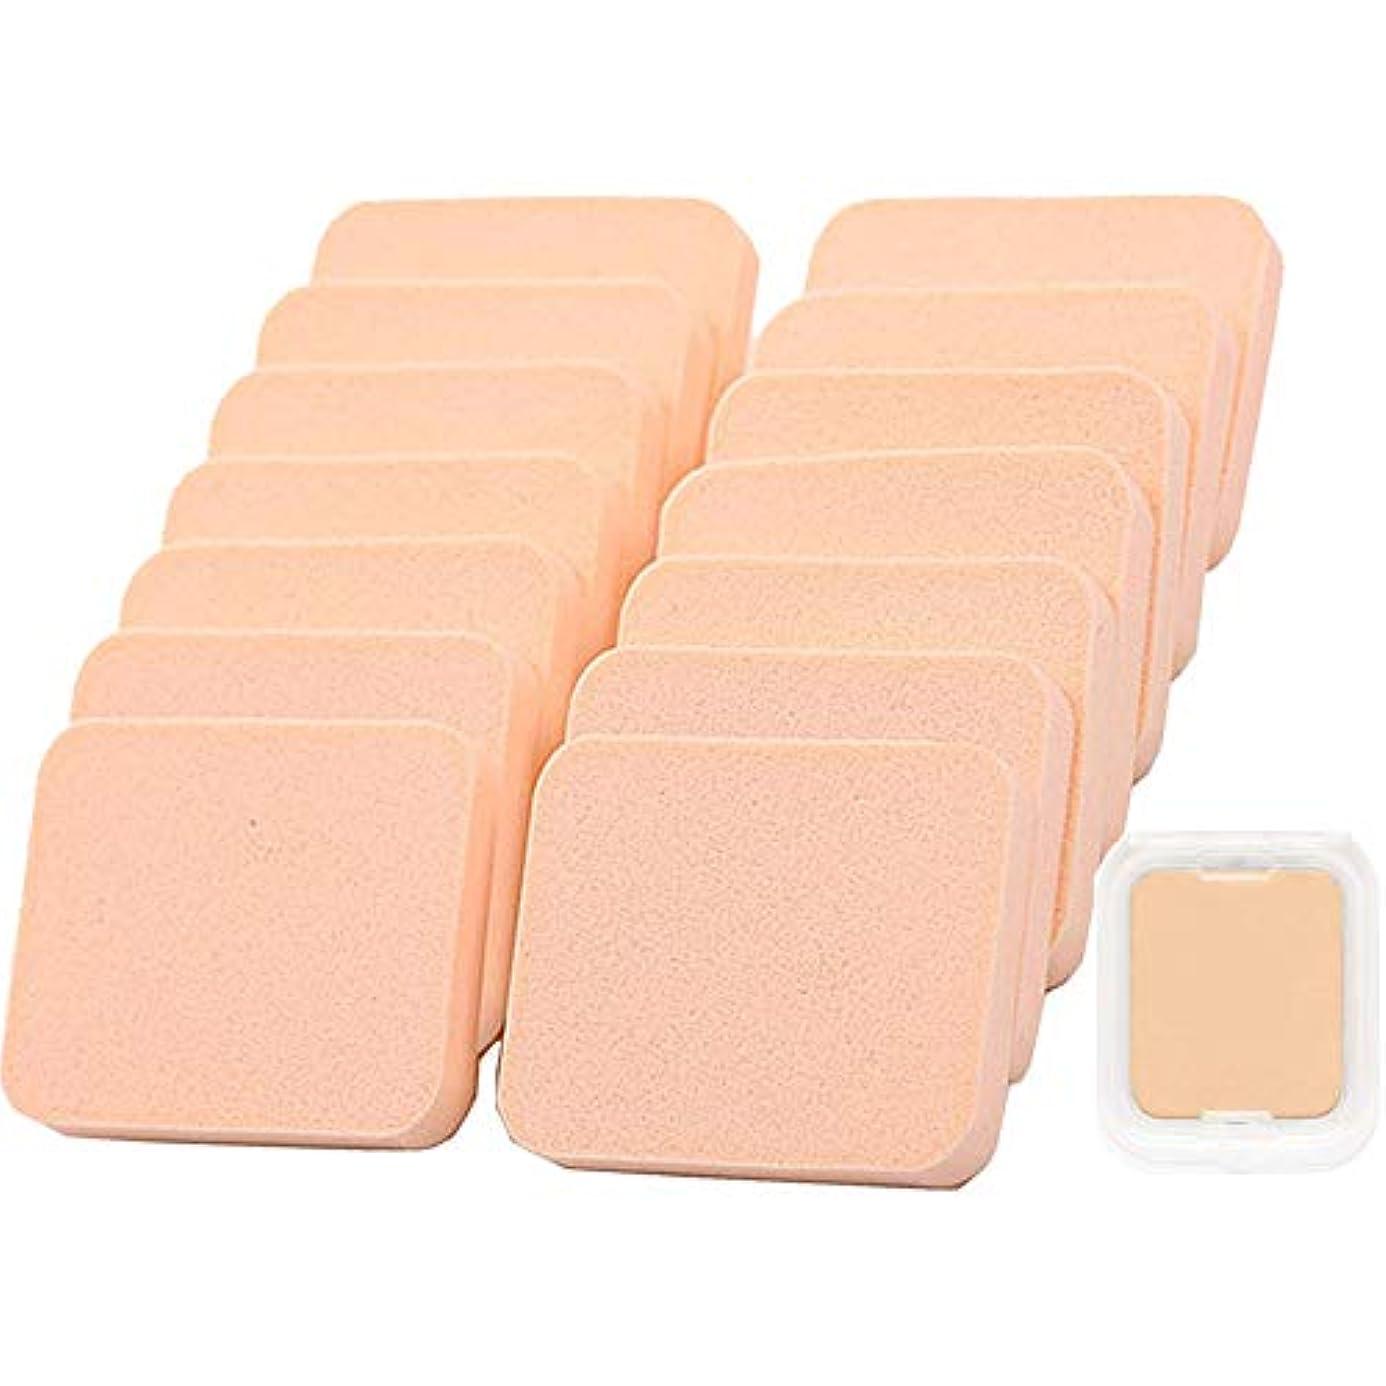 一族篭挑発するエアパフ Butokal エアクッションパフ クリーム アプリケーター 乾湿兼用 スポンジパフセット フェイシャル 15個入 化粧道具